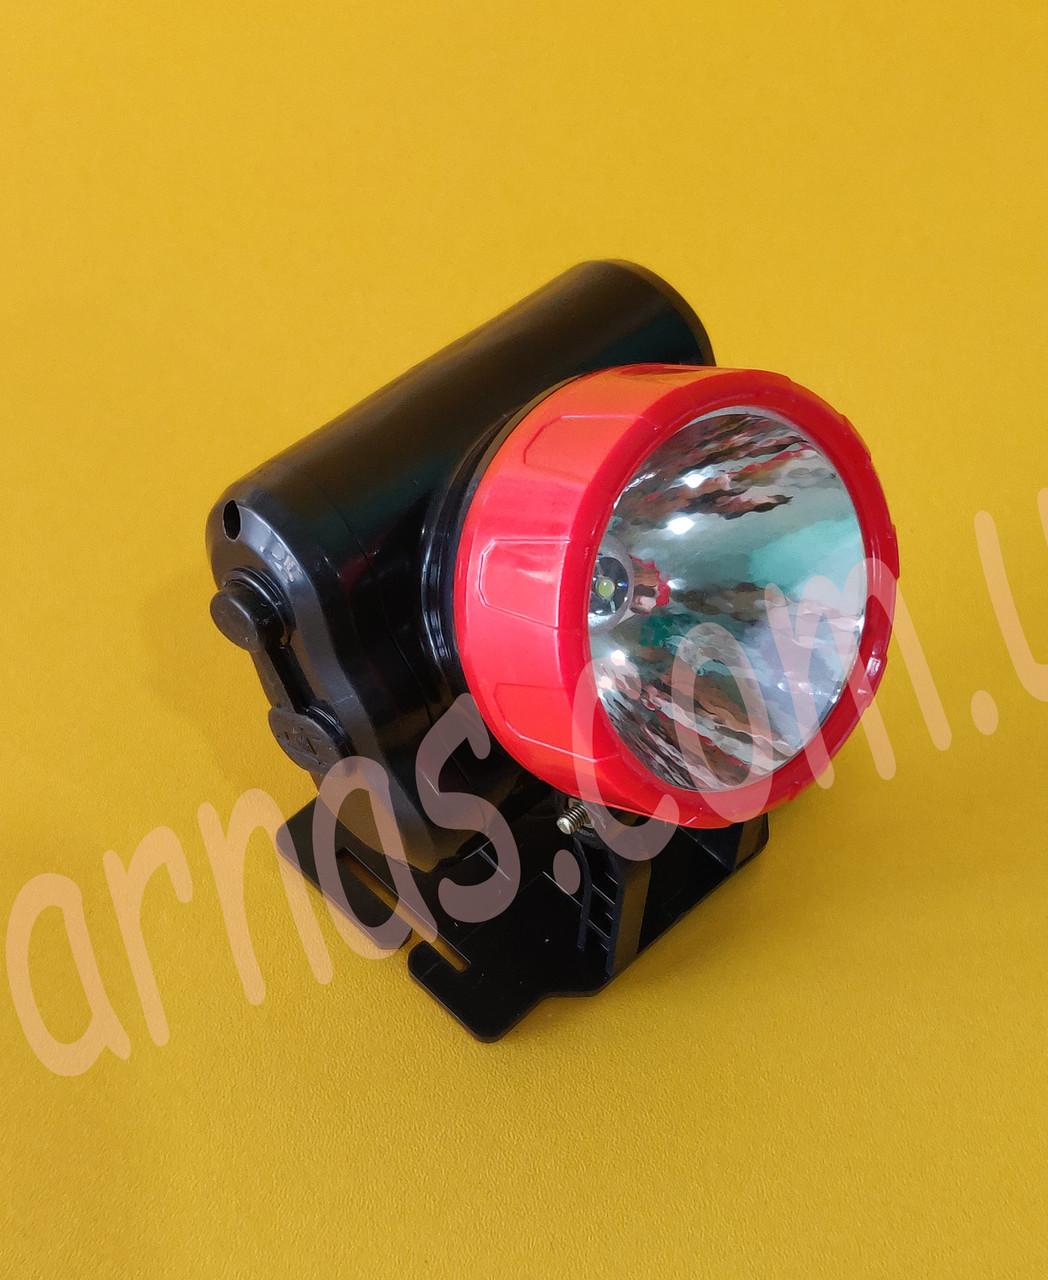 Аккумуляторный налобный фонарь Wimpex WX-1890